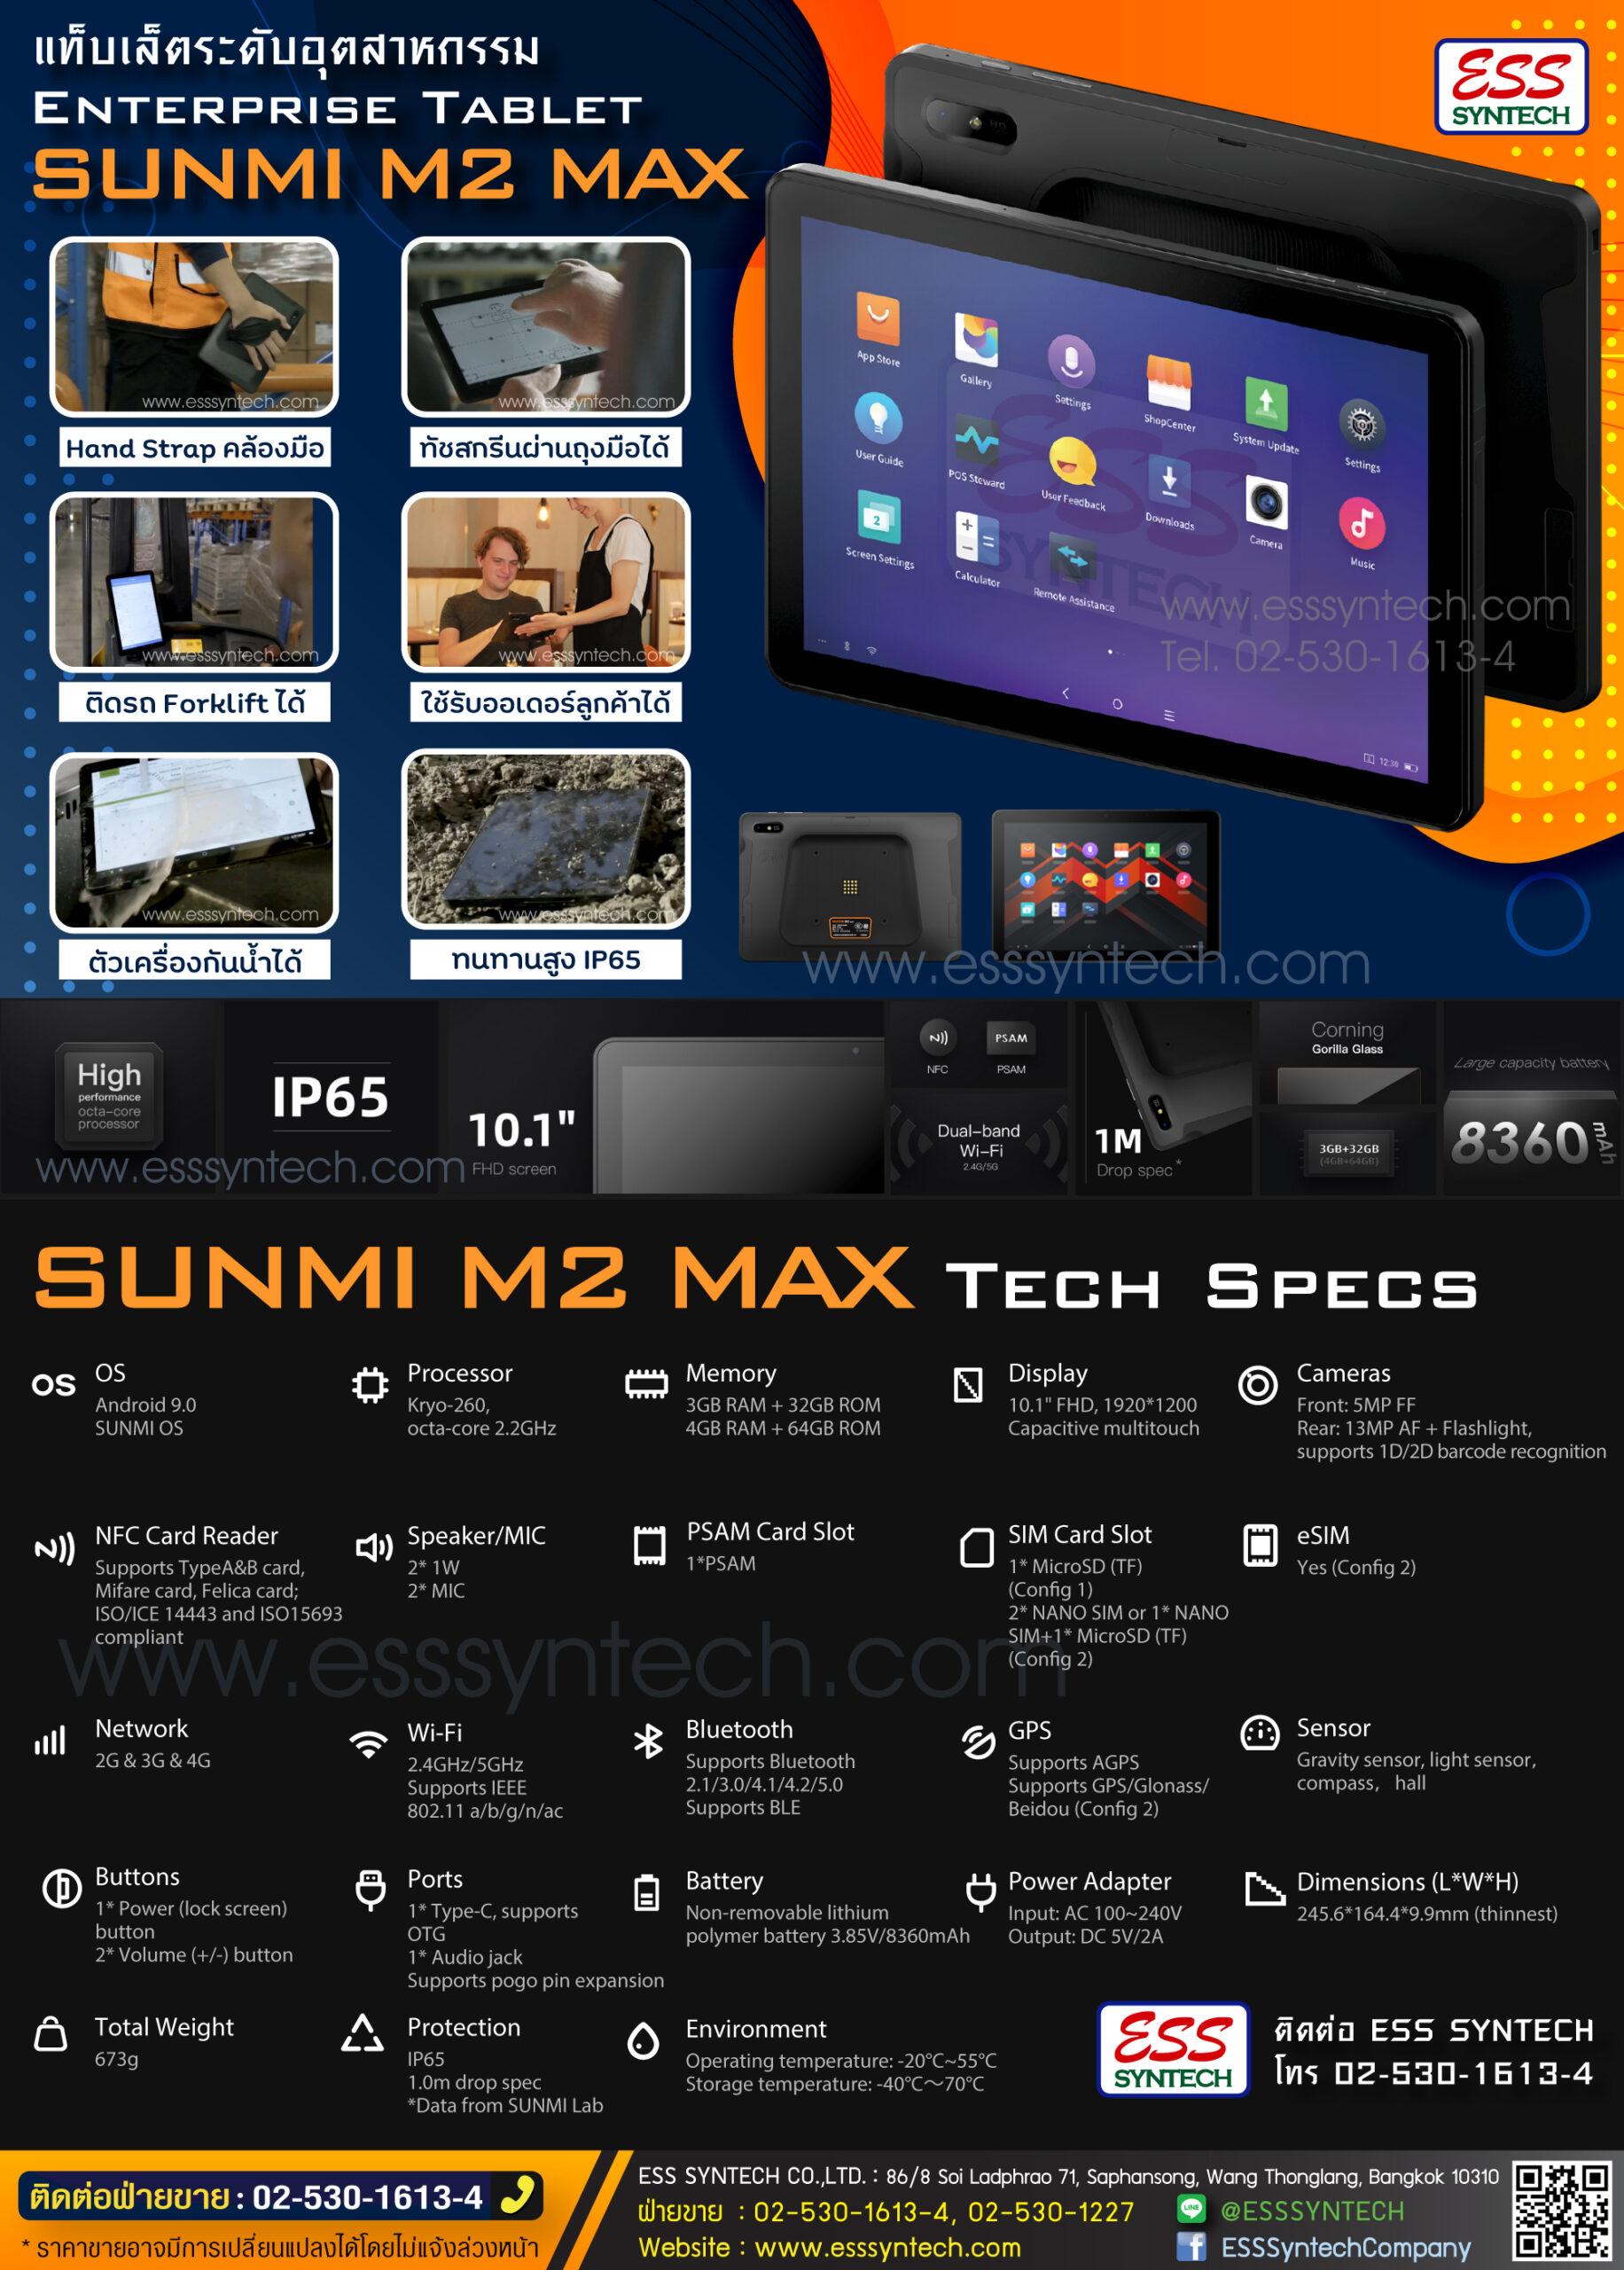 M2 MAX Datasheet